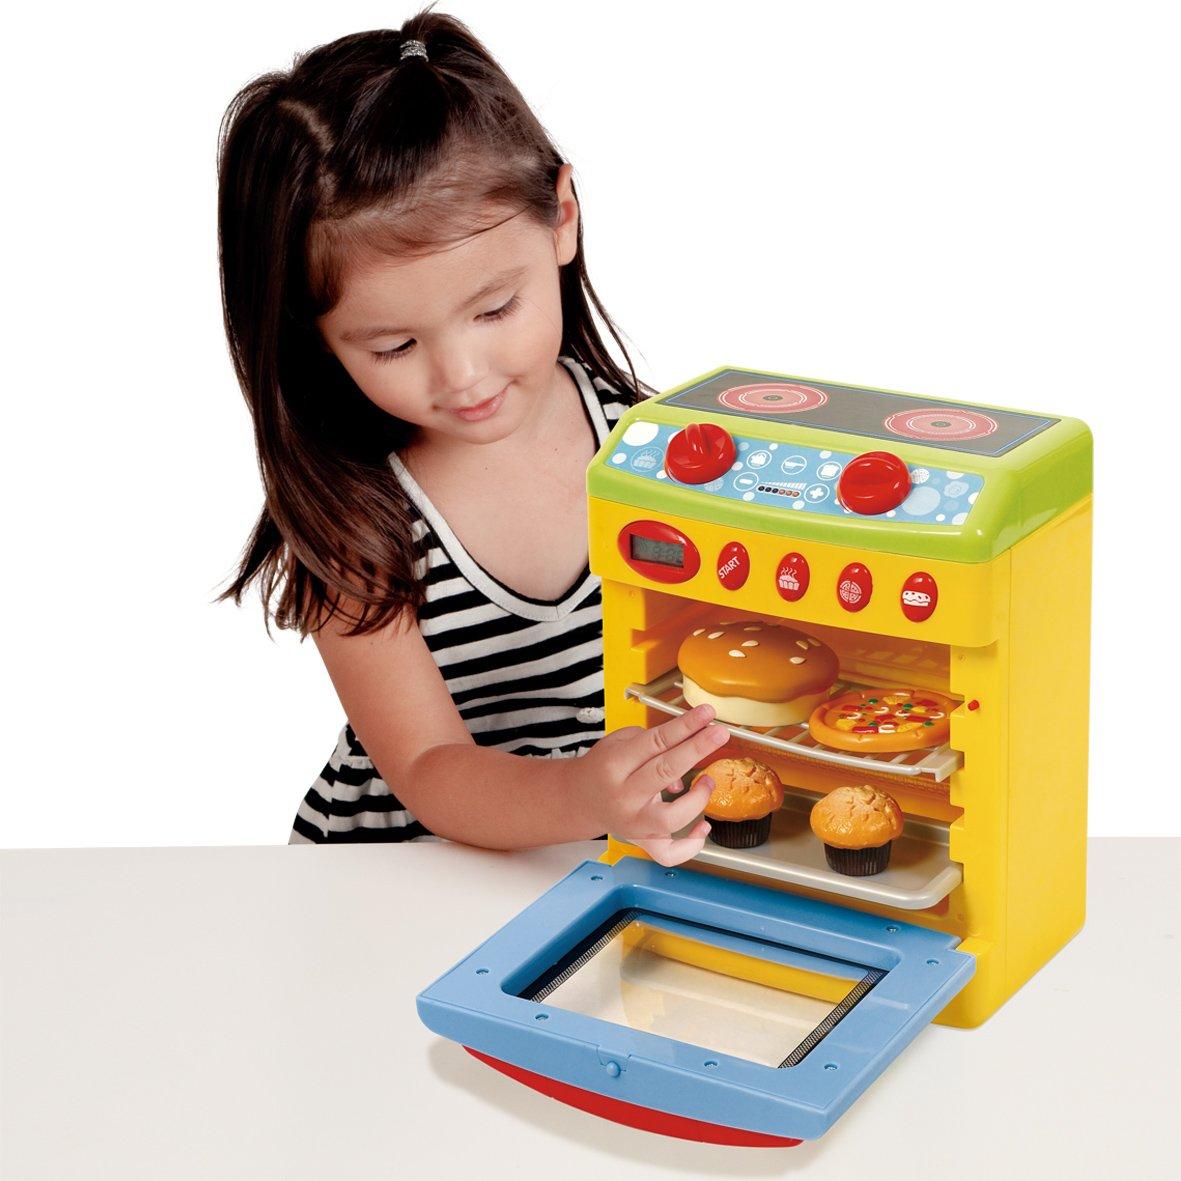 PlayGo Toys 3208 - Horno de juguete [Importado de Alemania]: Amazon.es: Juguetes y juegos